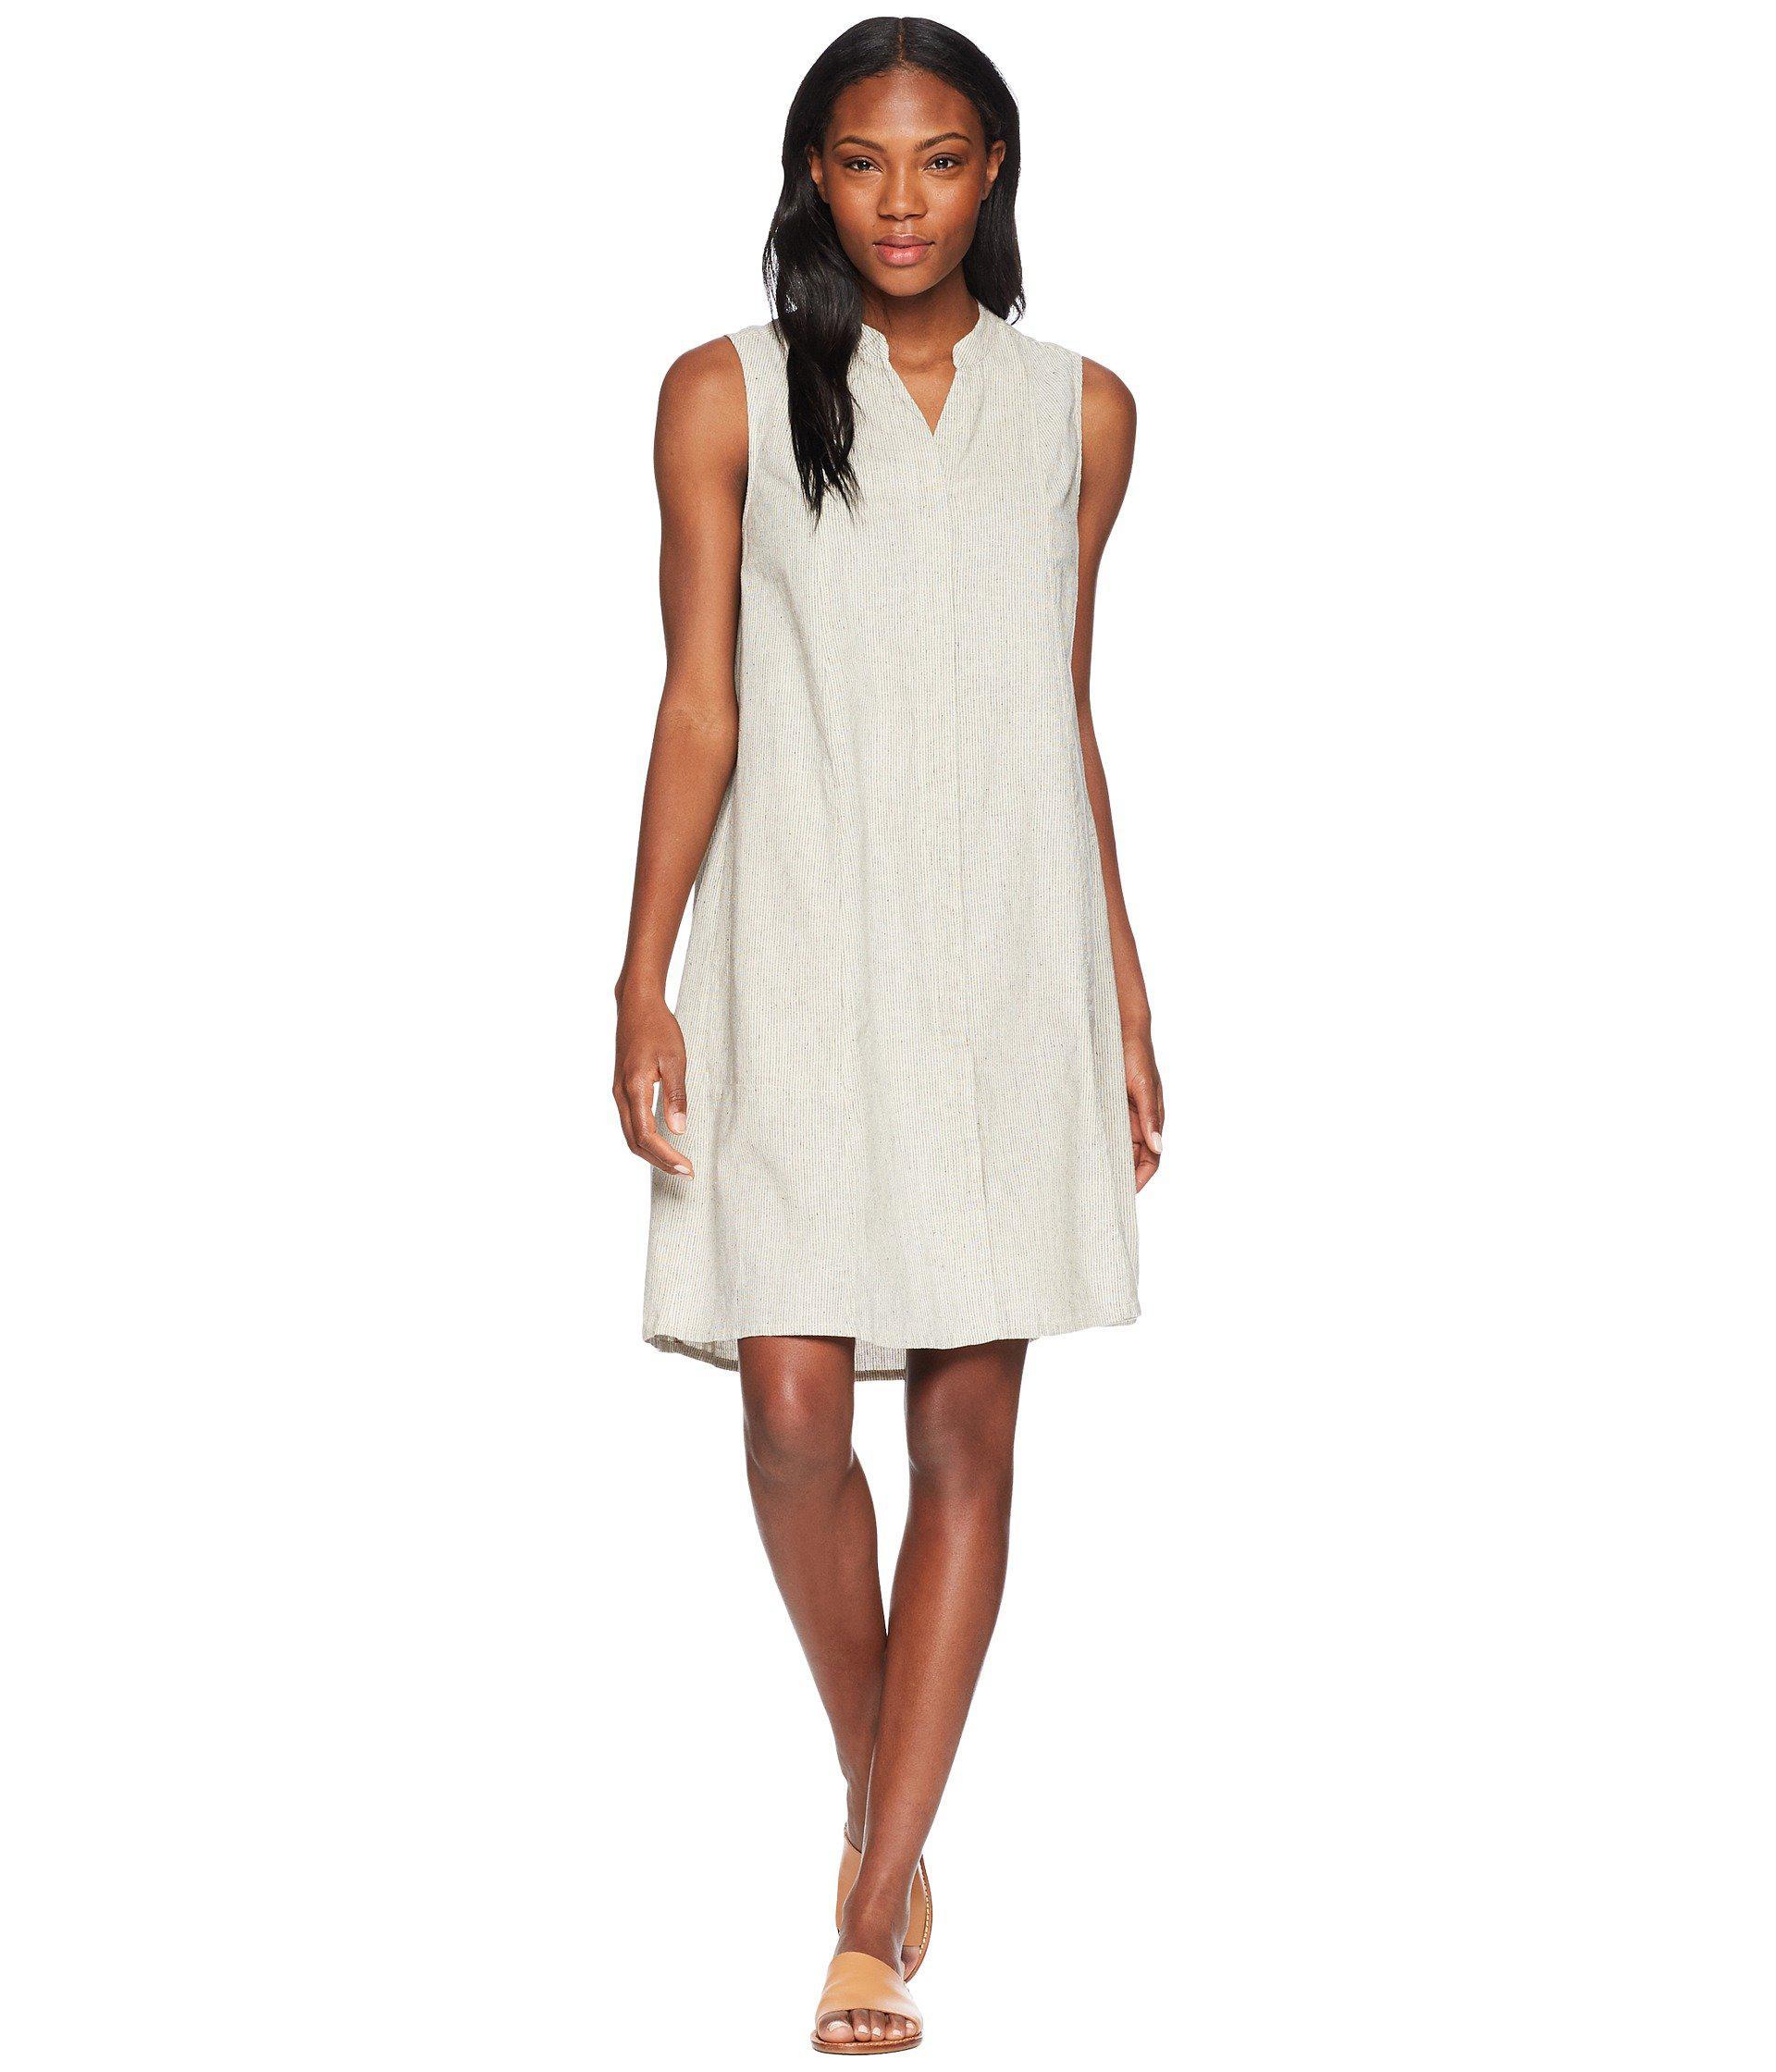 c32c80bfb4770 Lyst - Nau Straight Up Sleeveless Dress in White - Save 42%